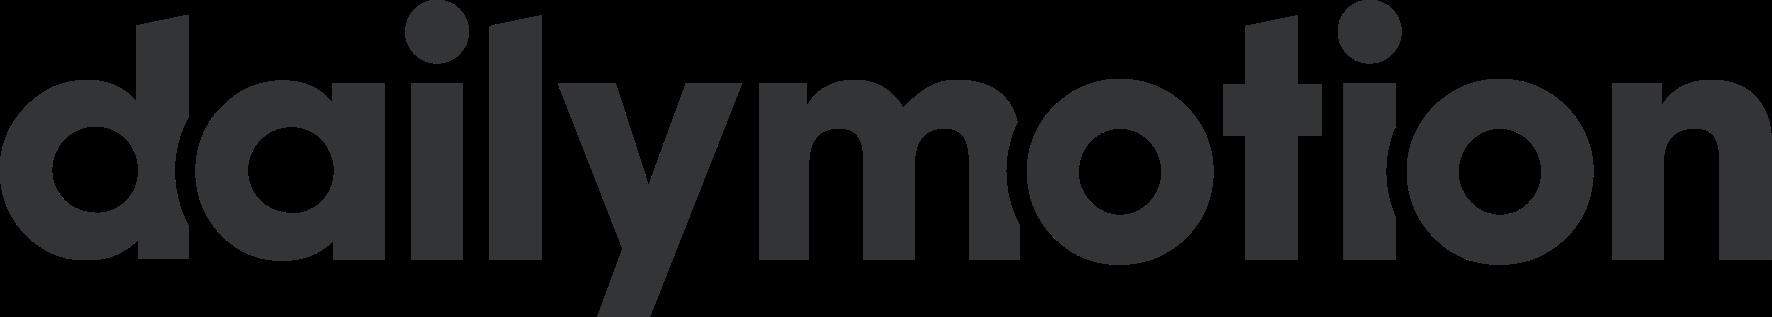 Dailymotion Logo.png